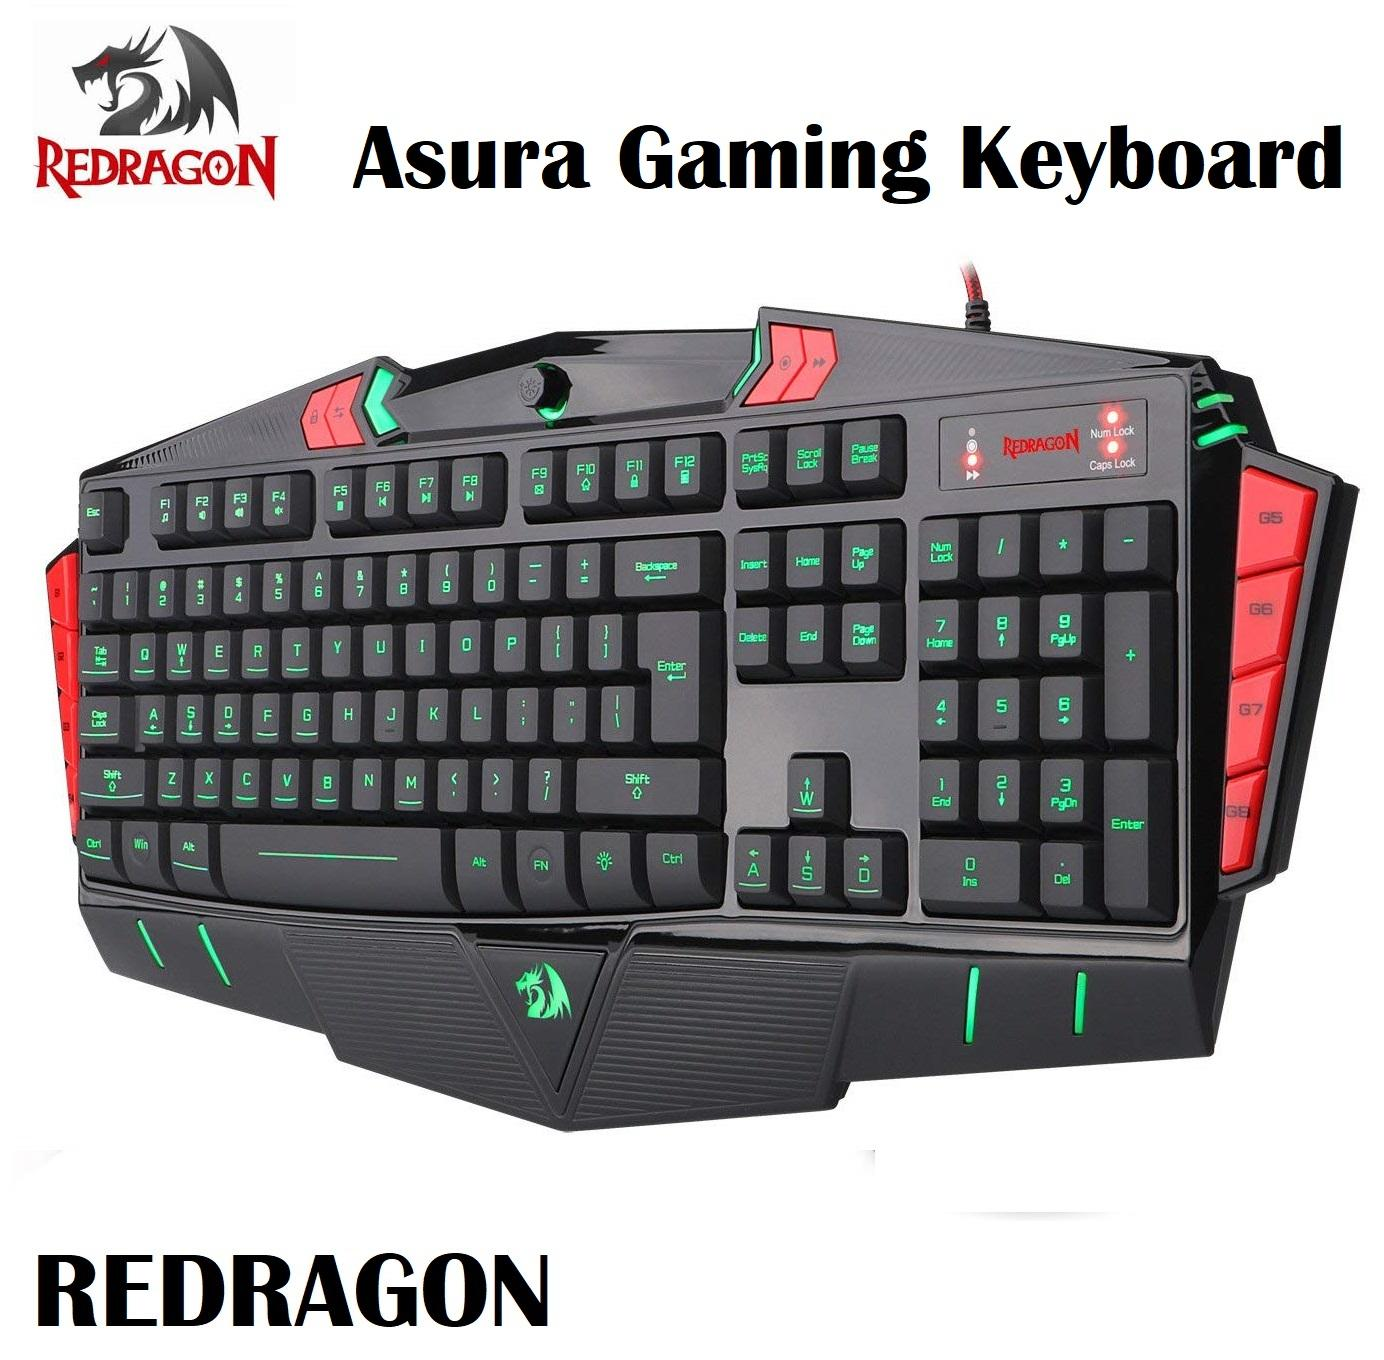 421dadcba43 Redragon Asura 7 Color LED Backlight Illuminated PC Computer Gaming  Keyboard Singapore